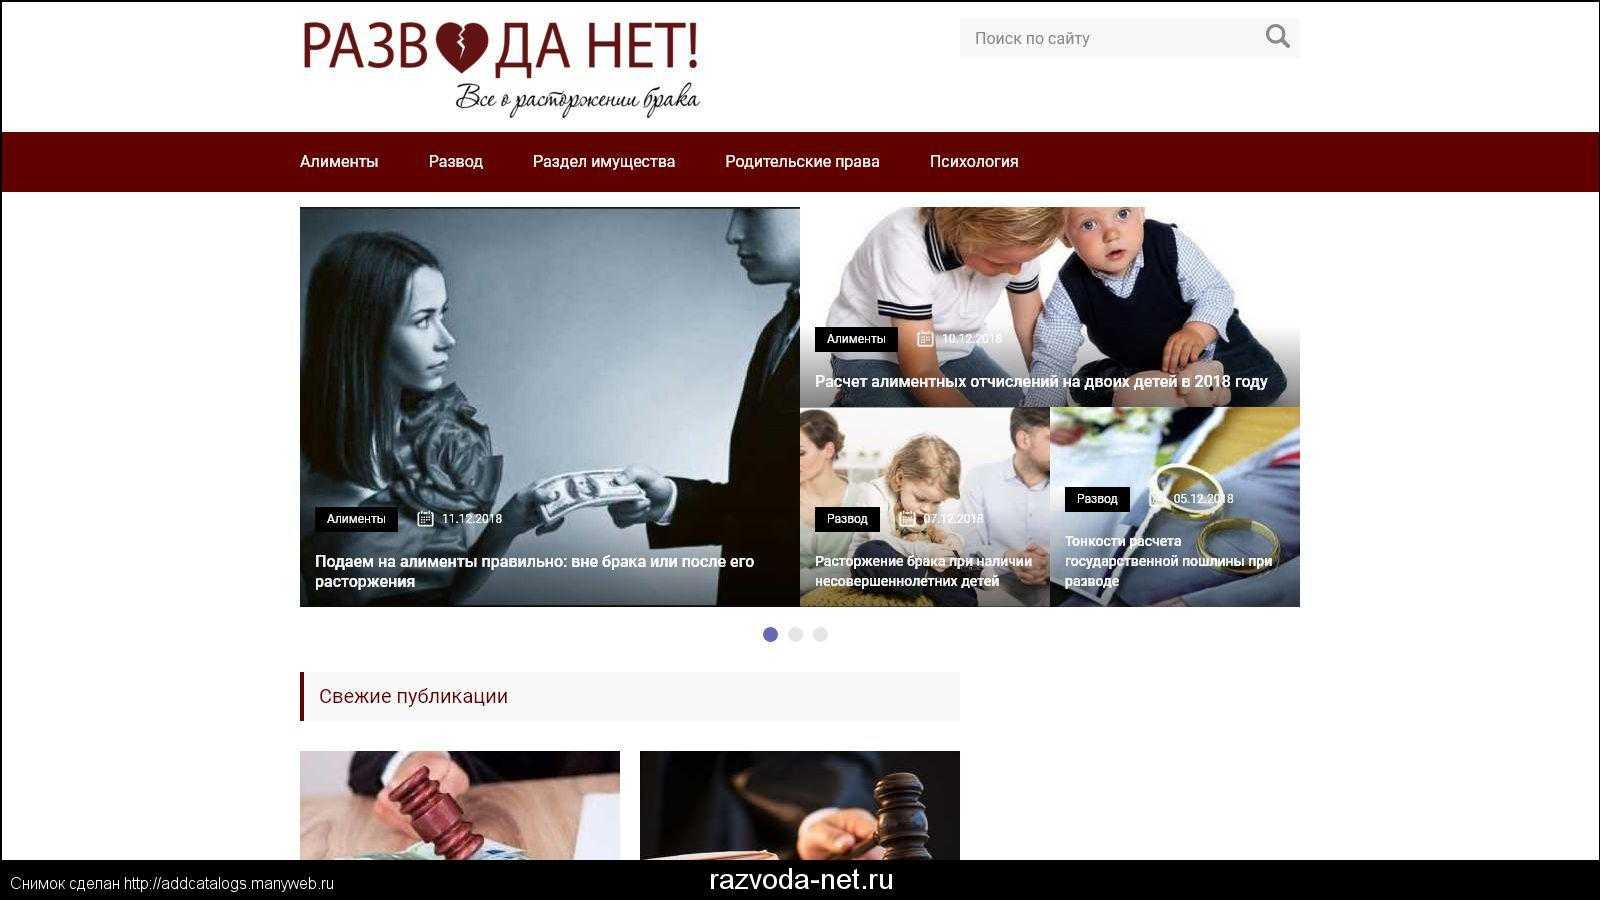 Обзор сервиса belbet, отзывы, обман это или нет